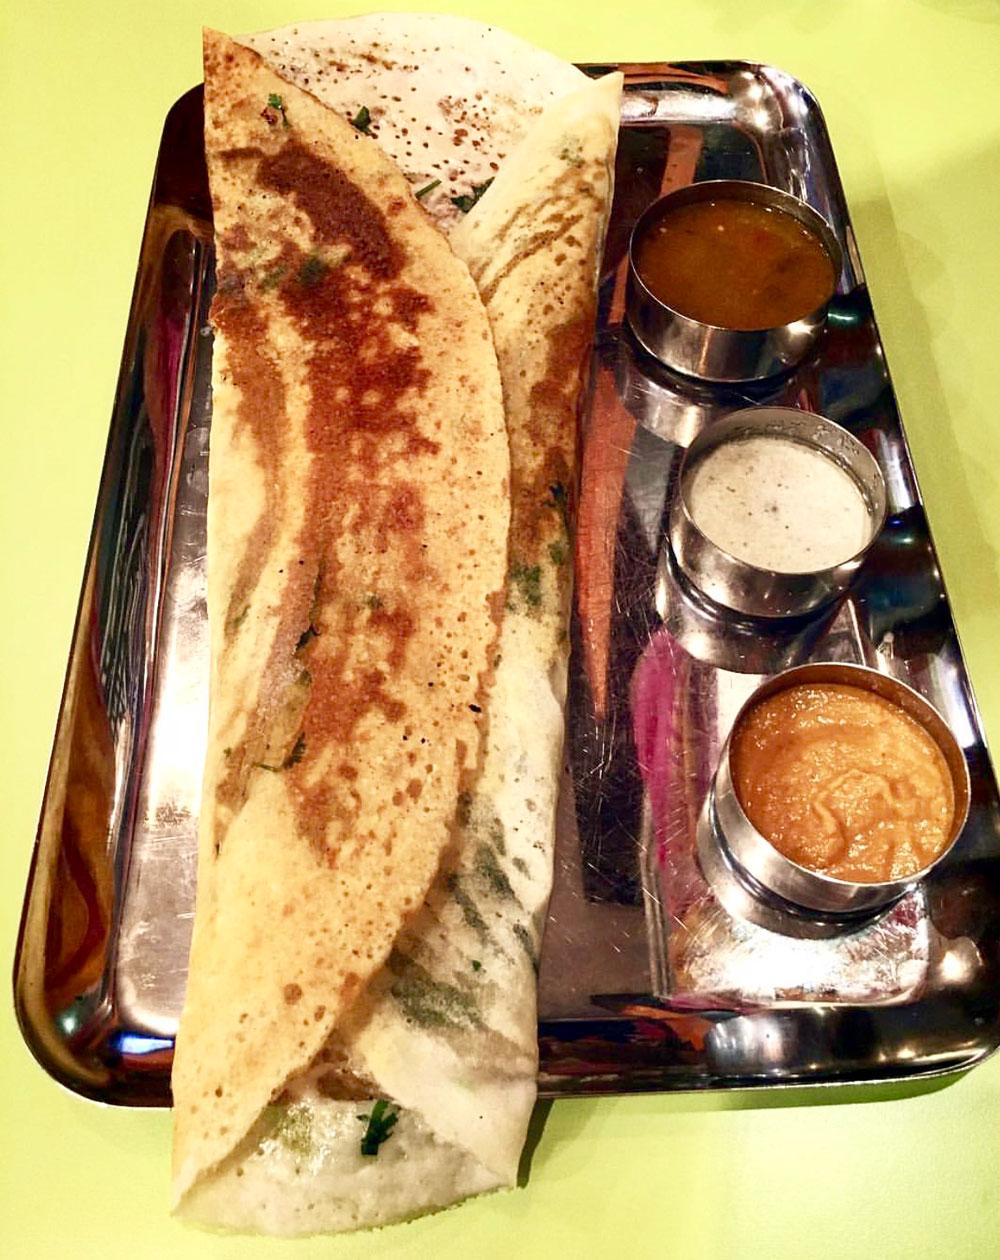 Chennai Masala Dosa